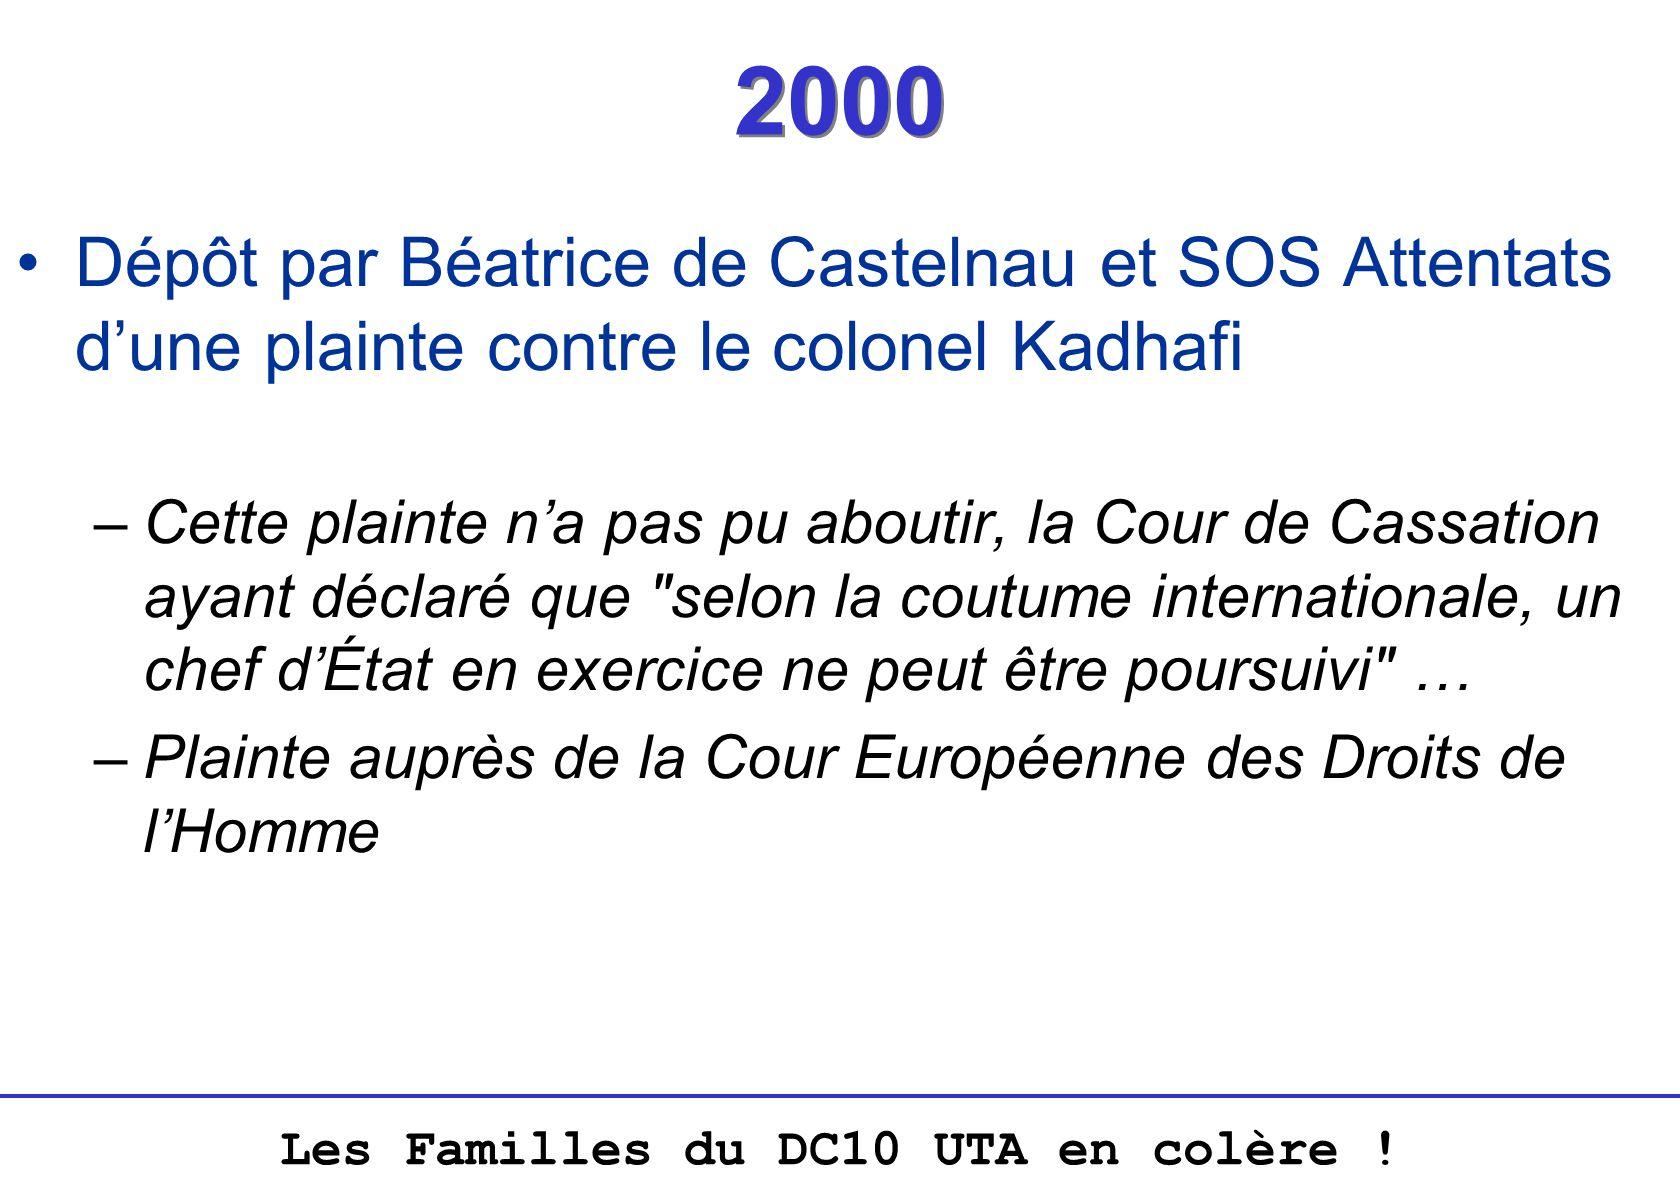 2000 Dépôt par Béatrice de Castelnau et SOS Attentats d'une plainte contre le colonel Kadhafi.